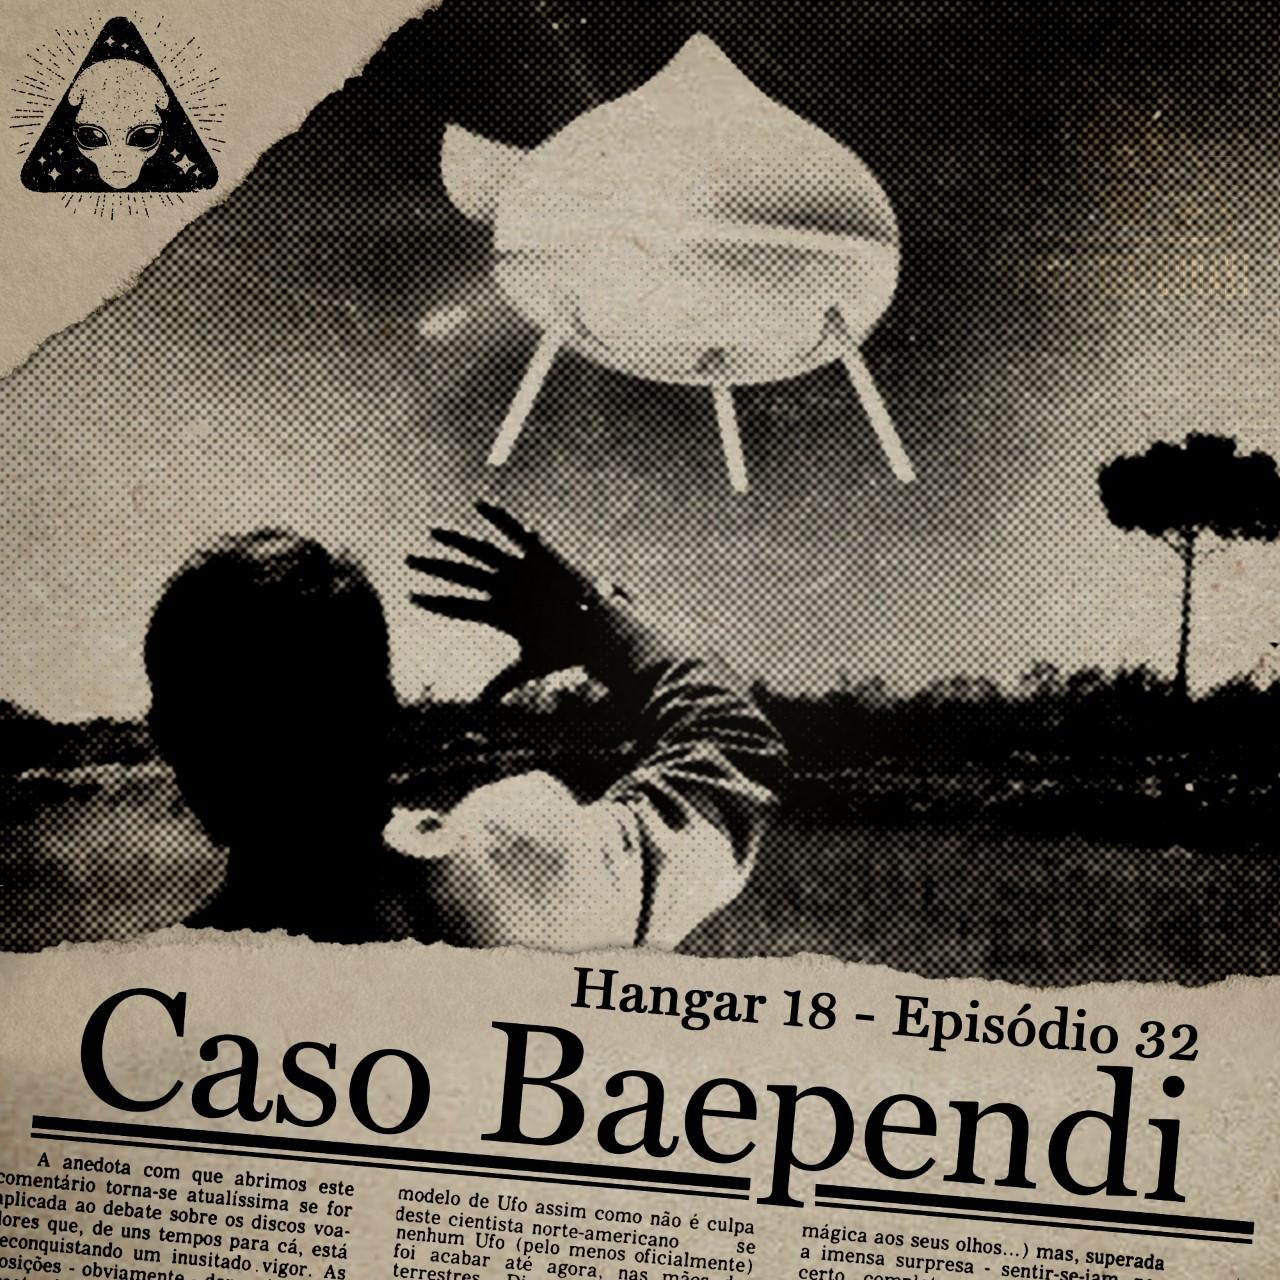 E32 Hangar 18 - Ep 032 - Caso Baependi